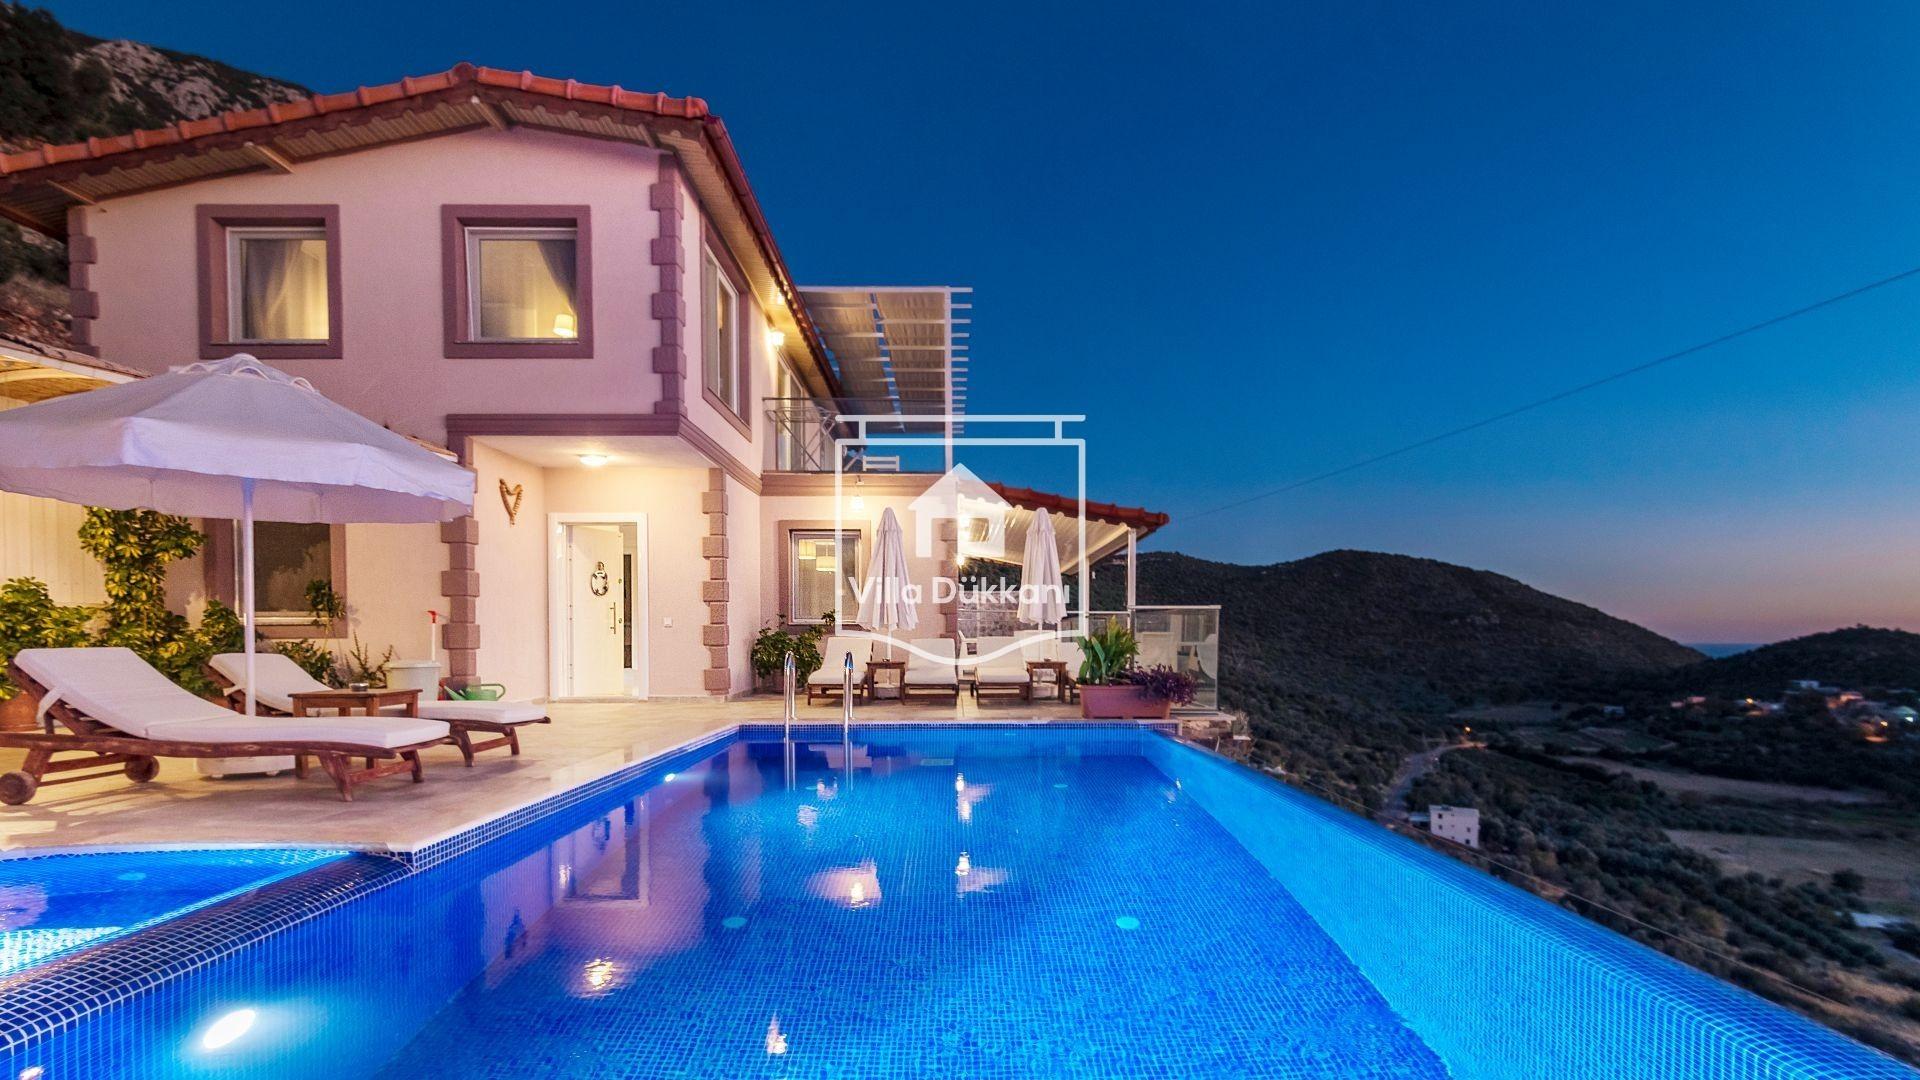 Tatil İçin Havuzlu Villaları Tercih Edin!